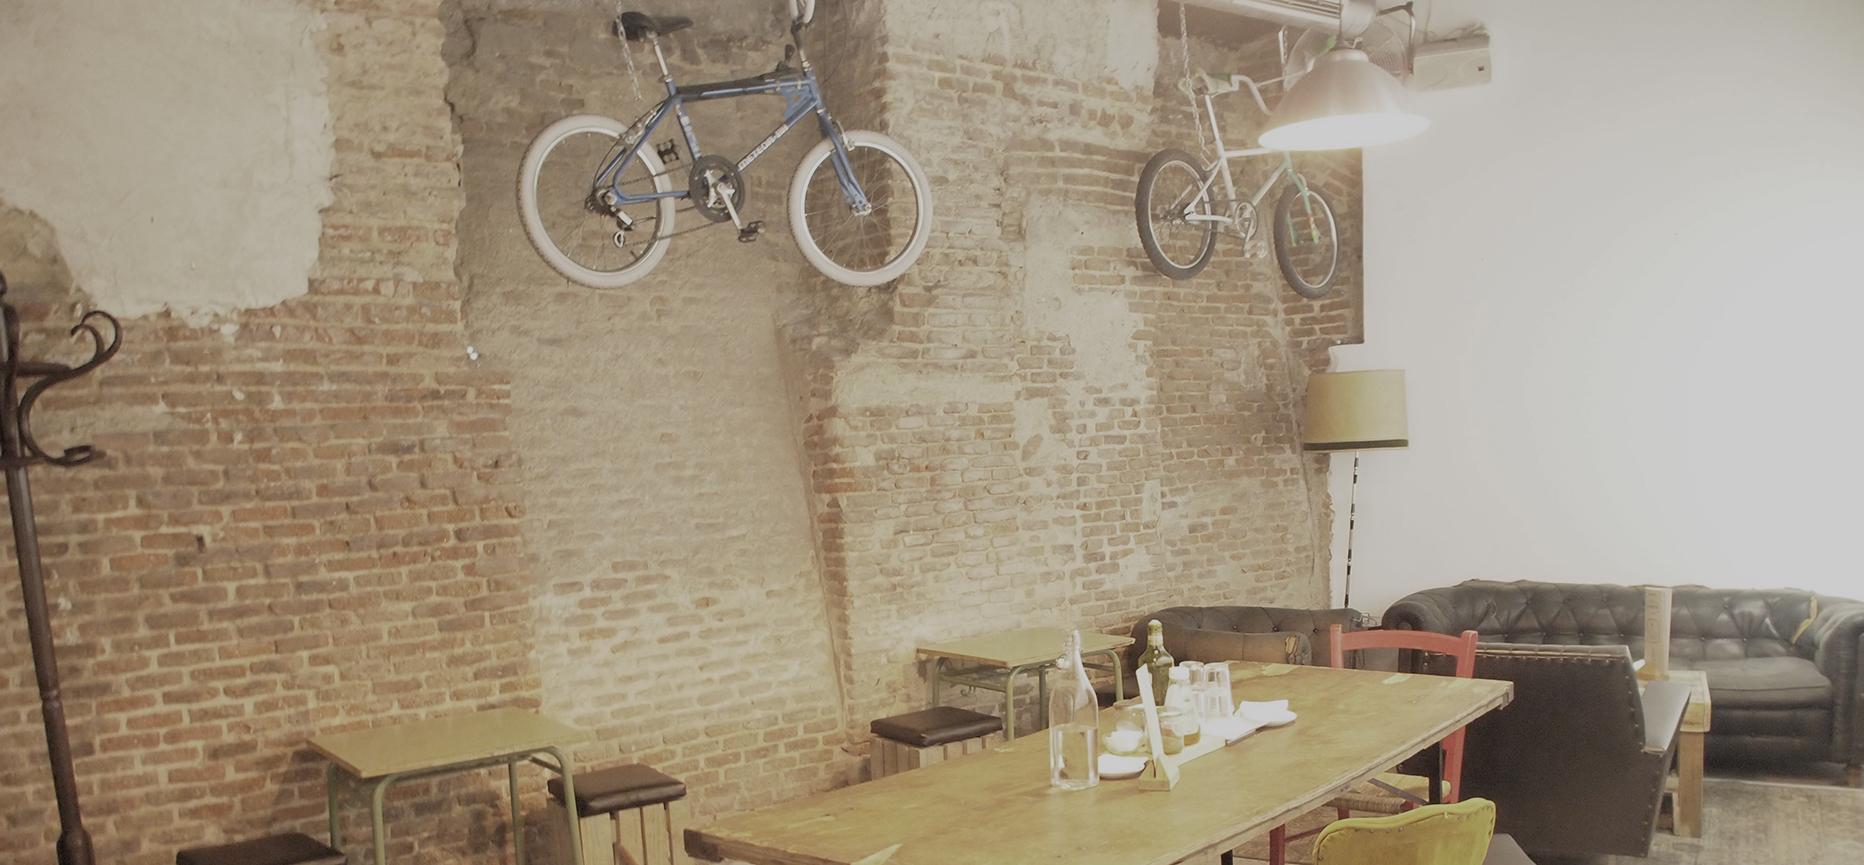 La Bicicleta Madrid